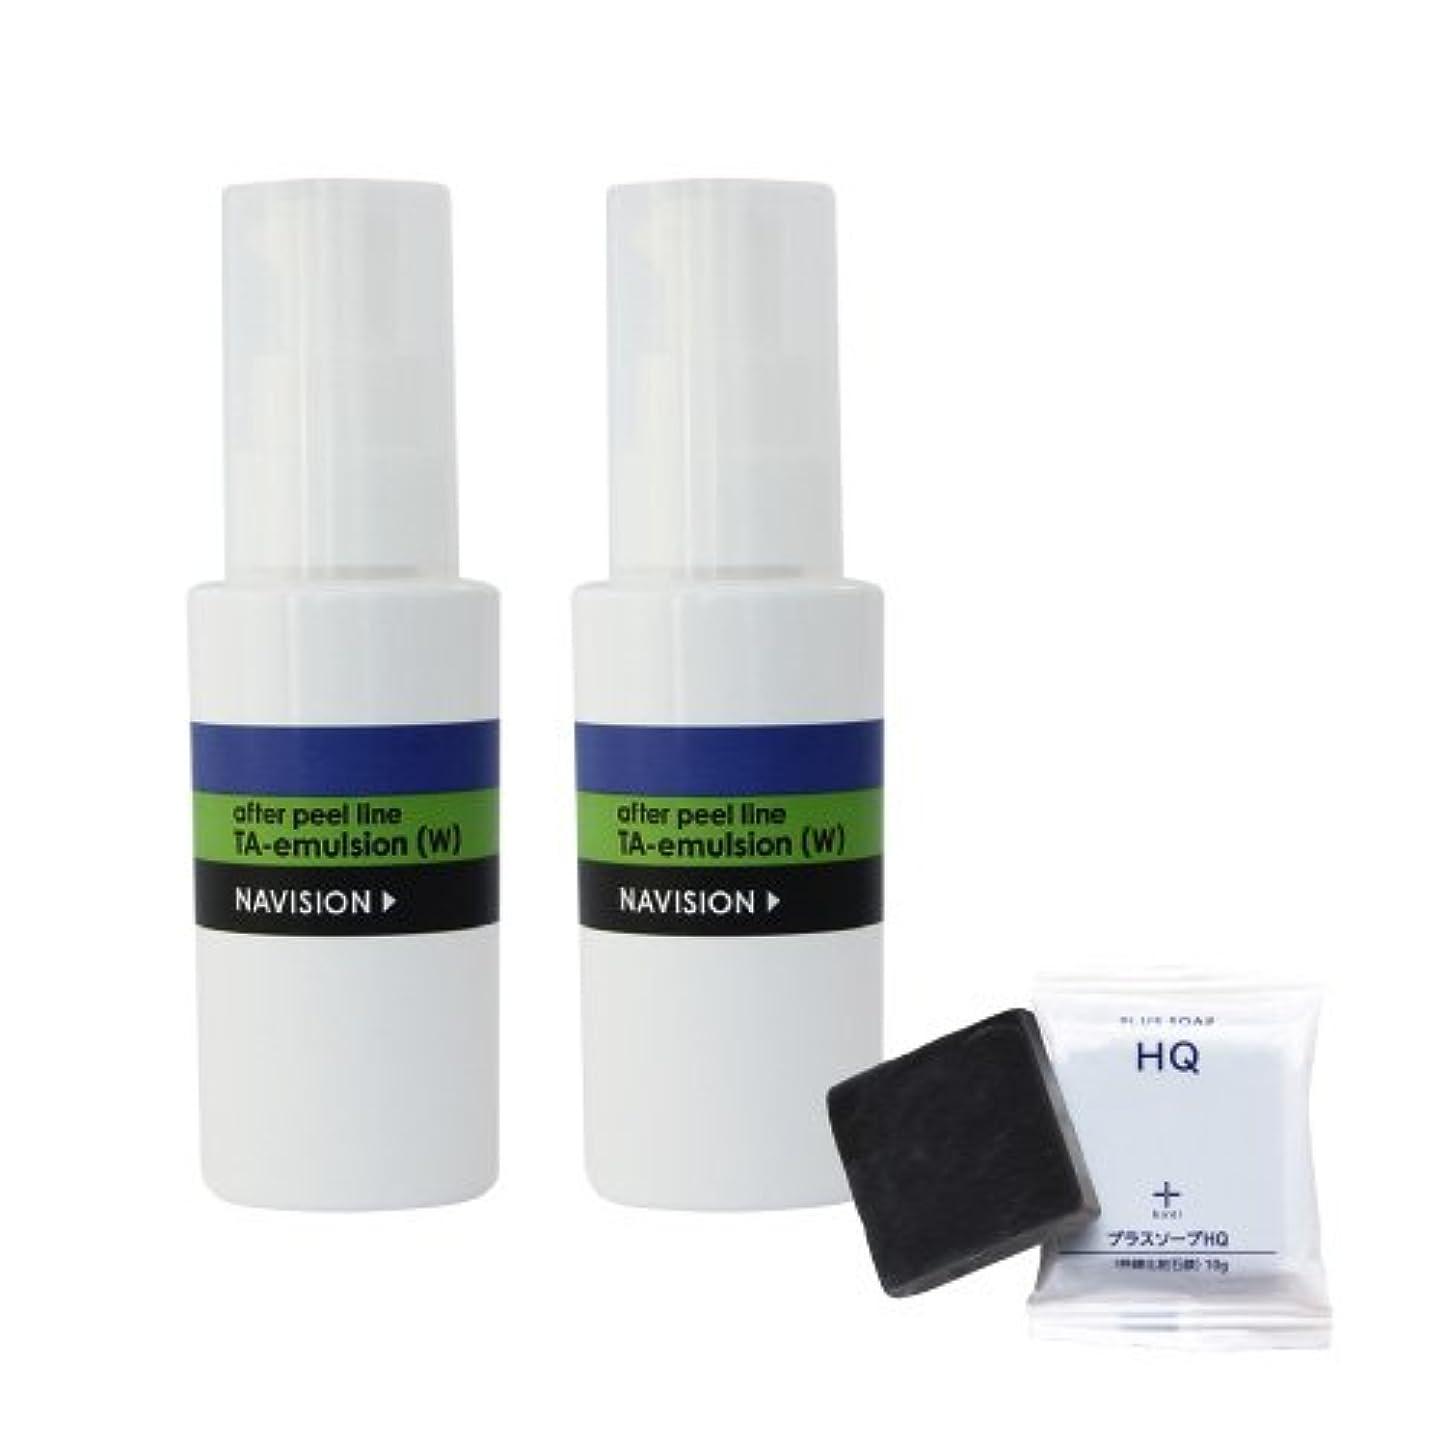 有名なもっと時刻表ナビジョン NAVISION TAエマルジョン(W)(医薬部外品) 2本 + プラスソープHQミニ